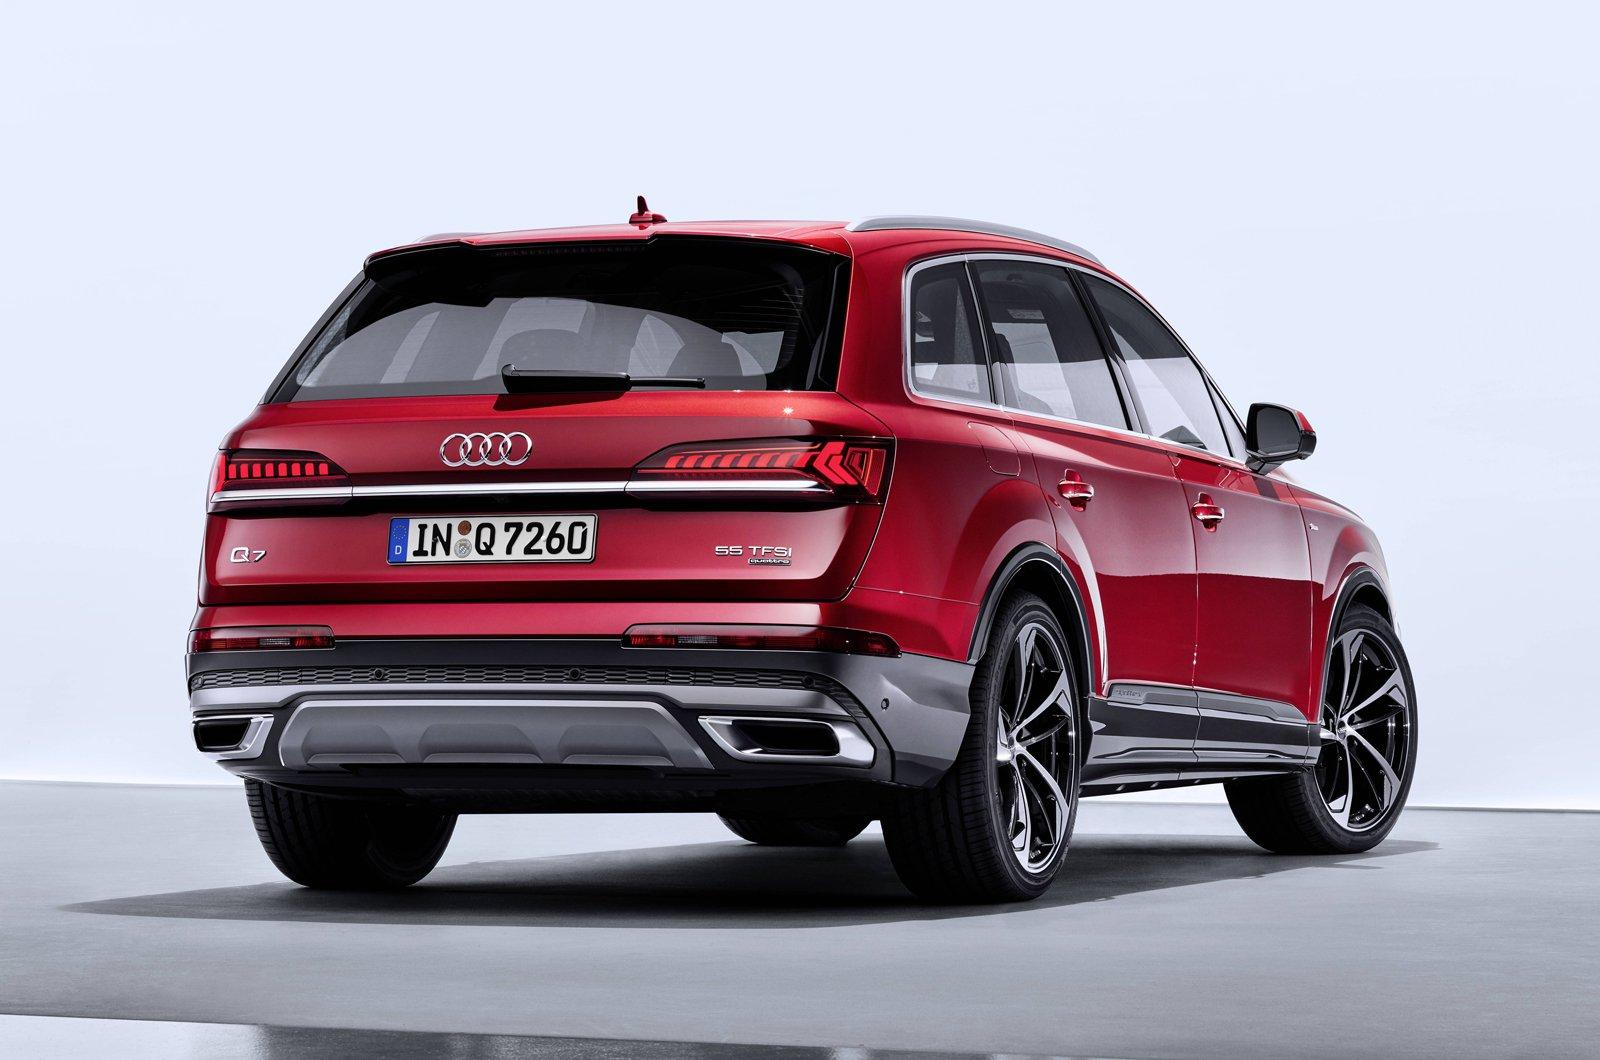 2020 Audi Q7 rear